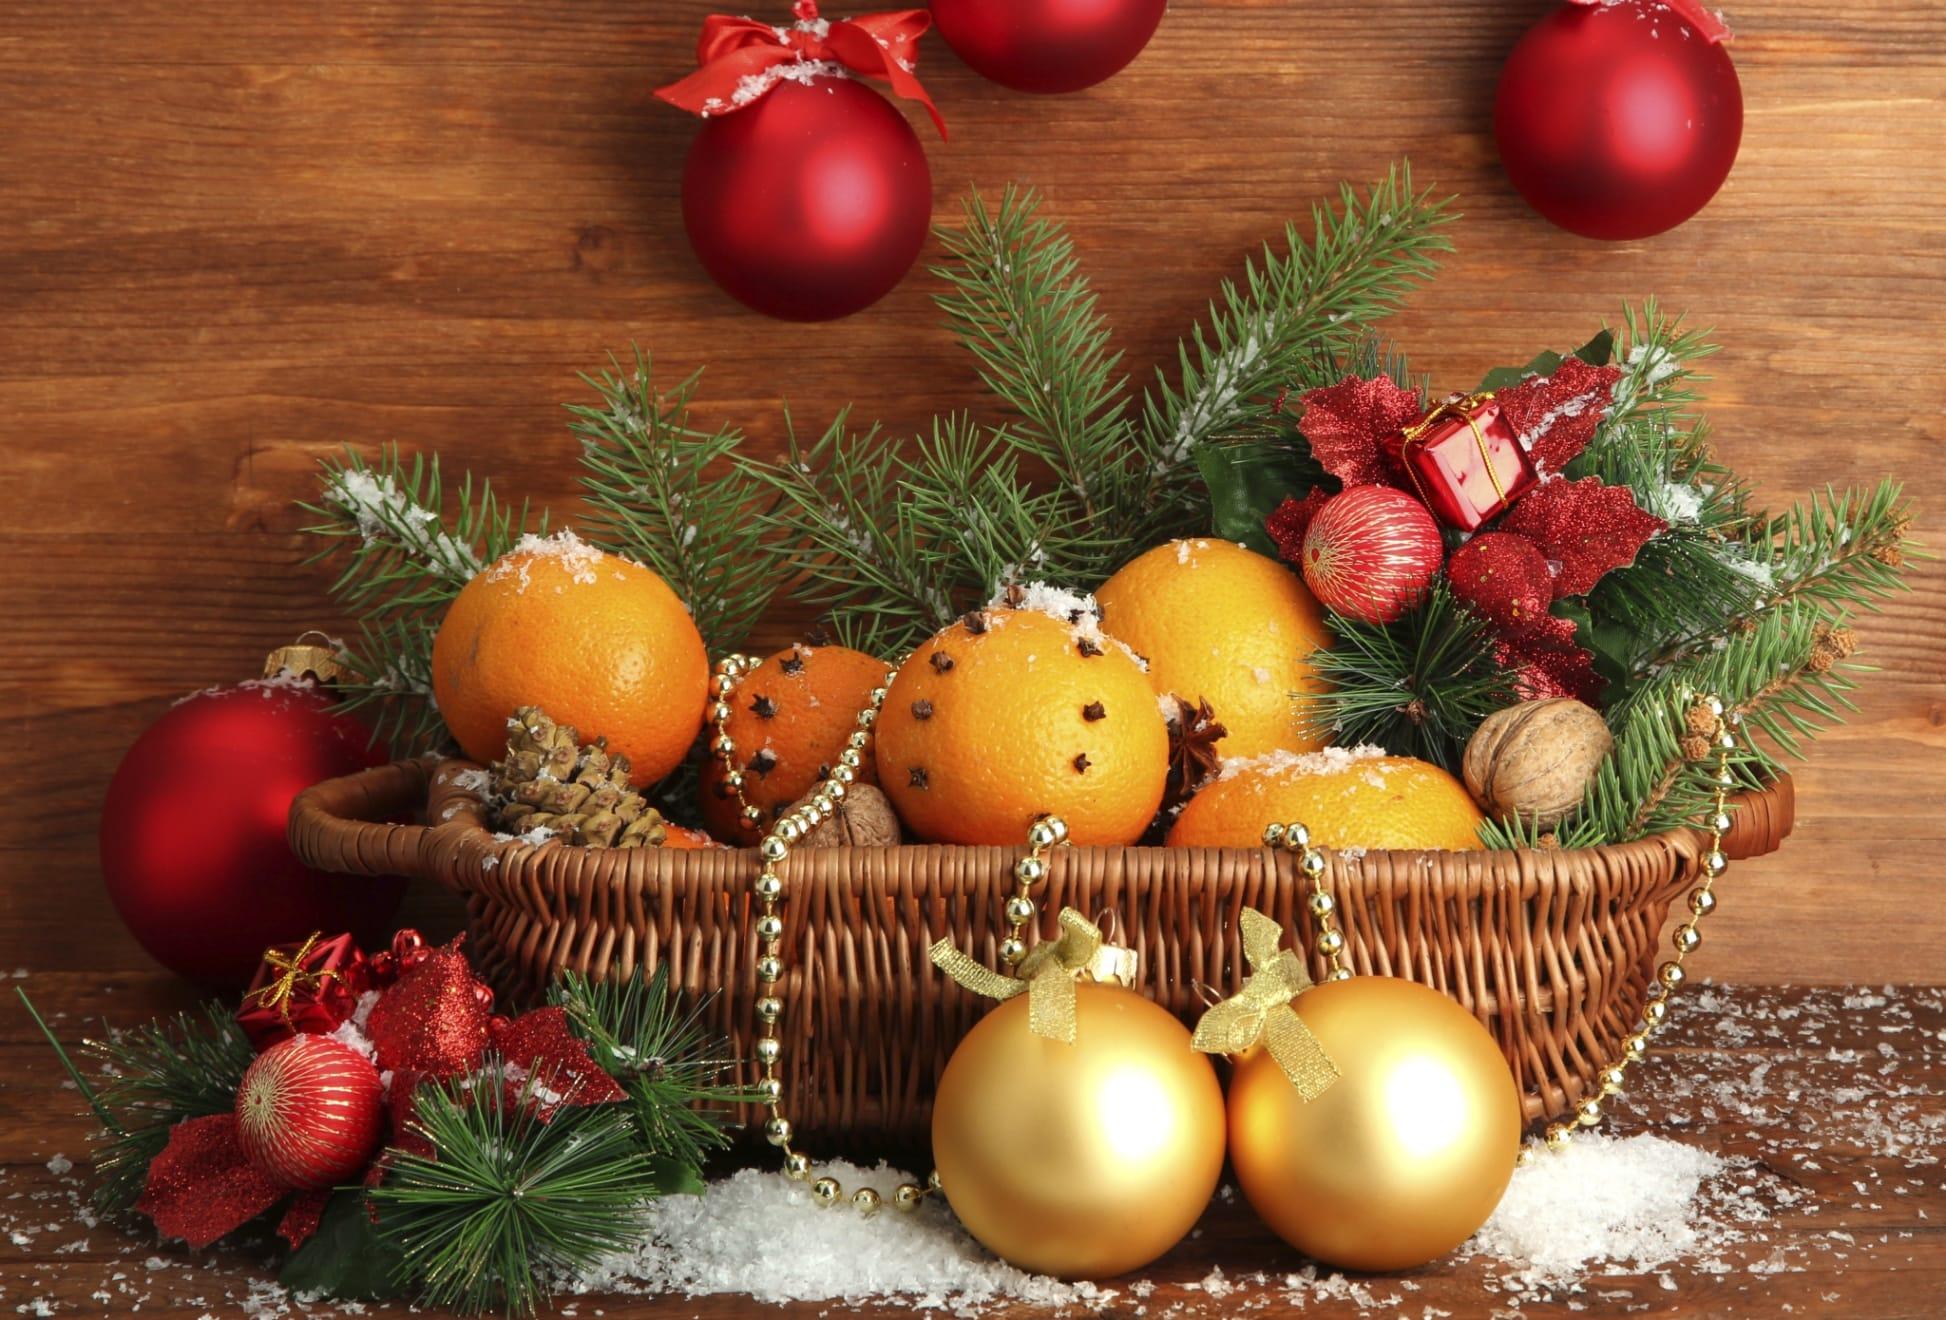 Decorazioni Natalizie Low Cost decorazioni fai da te per albero di natale | foto - non sprecare